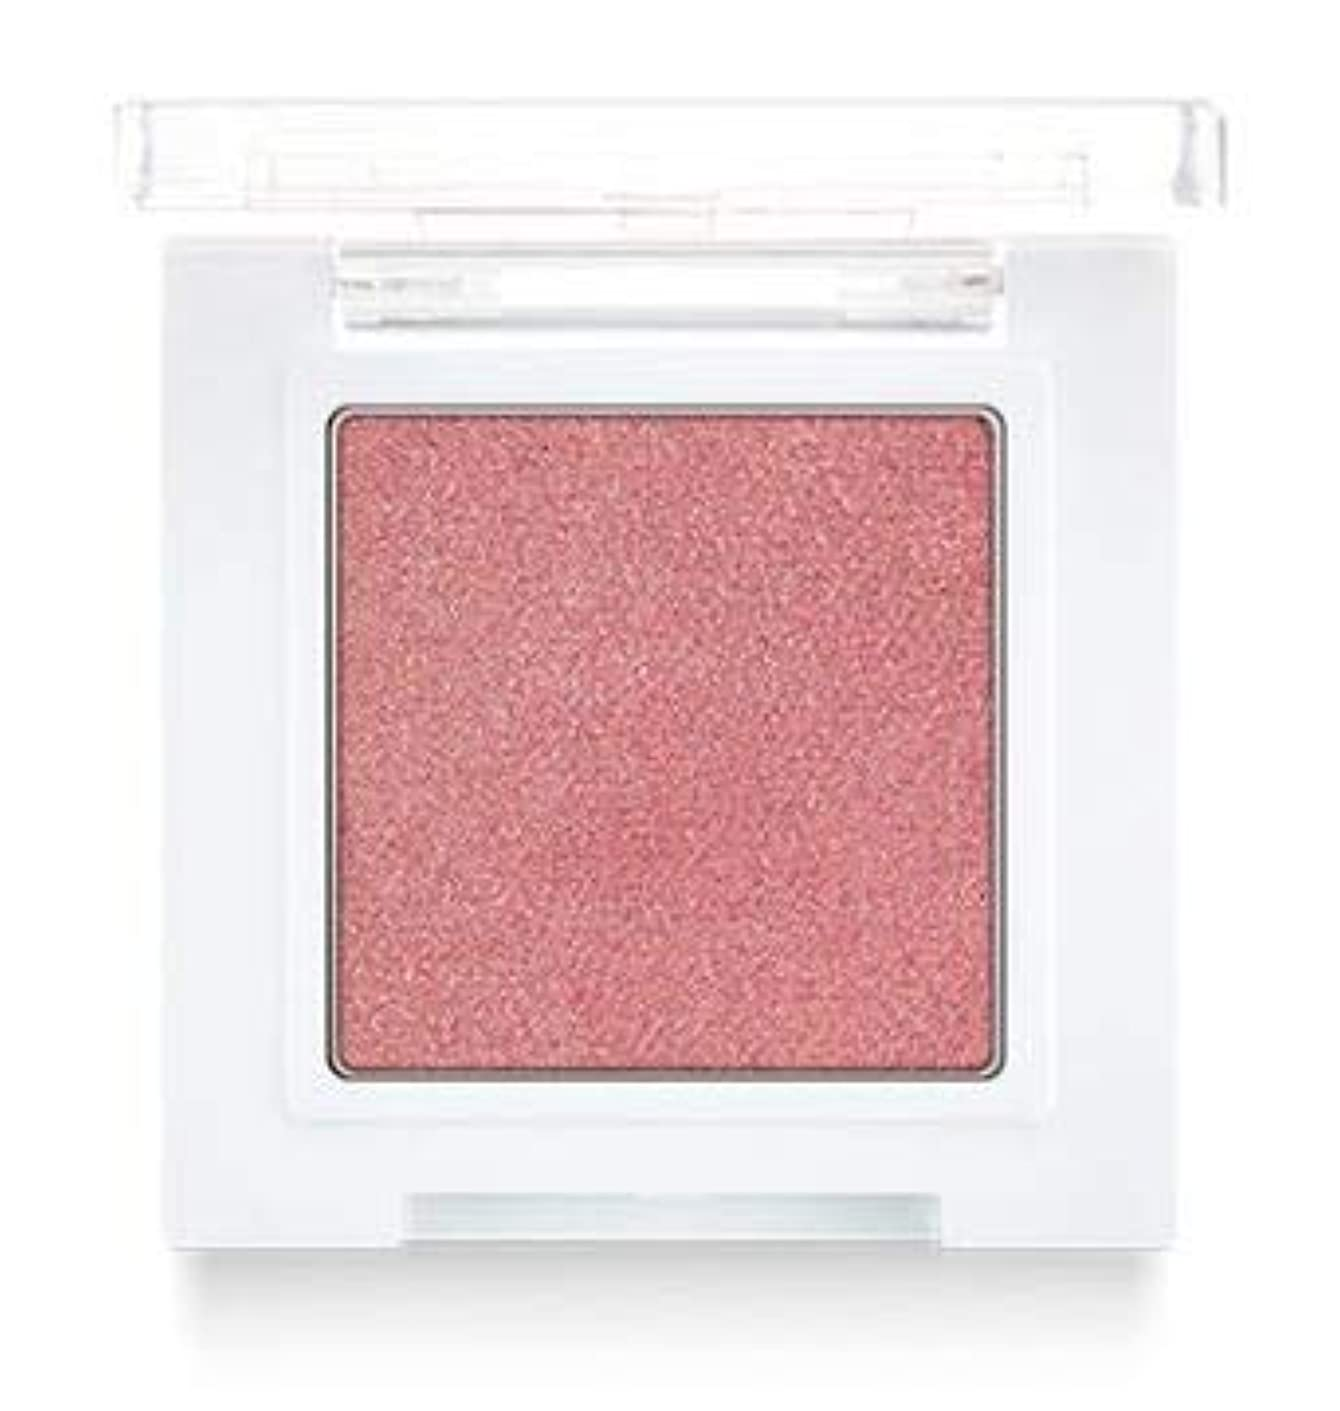 詳細に遅れ蓋[BANILA CO] Eyecrush Shimmer Shadow 2.2g #SPK03 Marshmallow Pink / [バニラコ] アイクラッシュシマーシャドウ 2.2g #SPK03 マシュメロピンク [並行輸入品]